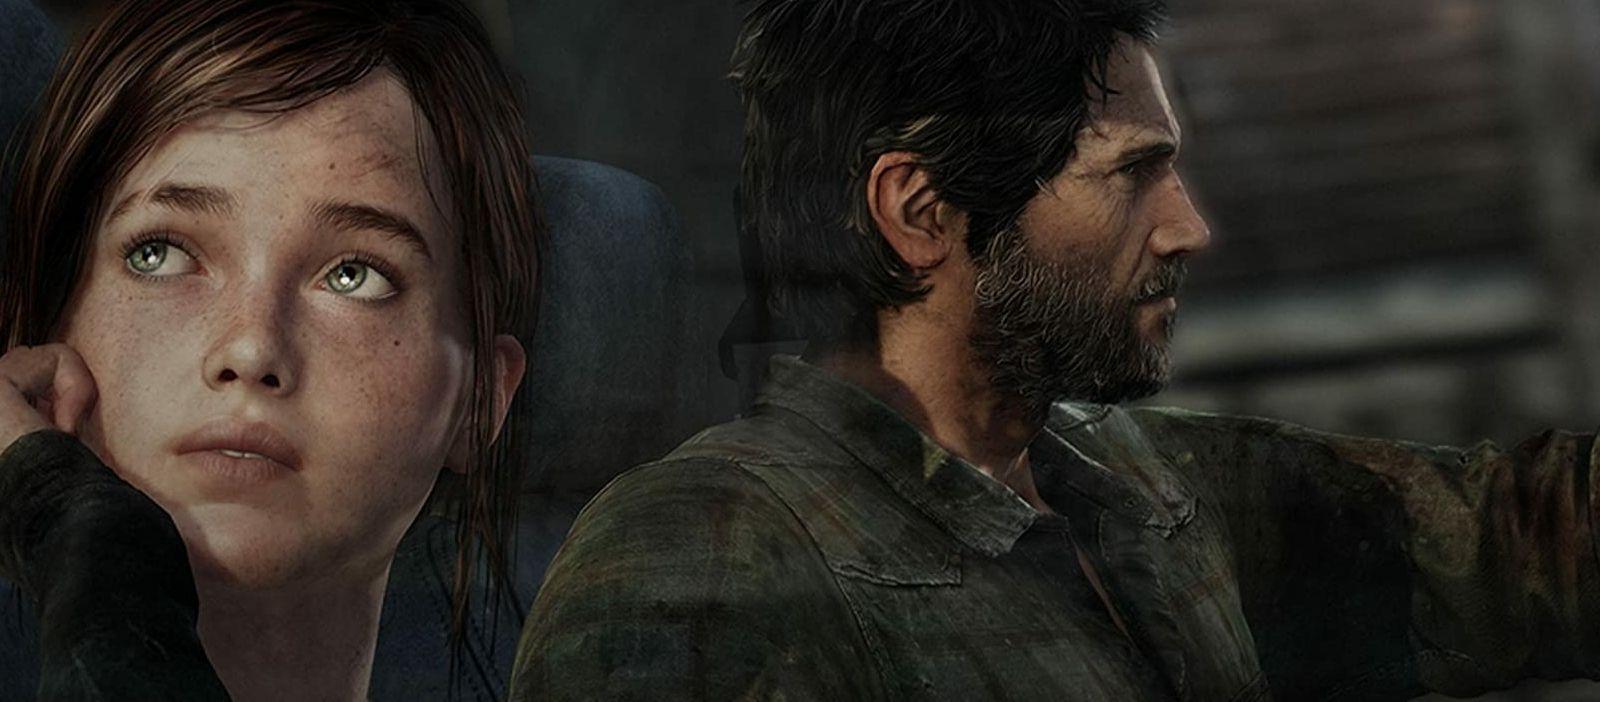 The Last of Us : la série HBO dévoile son casting principal avec du Game of Thrones - ÉcranLarge.com